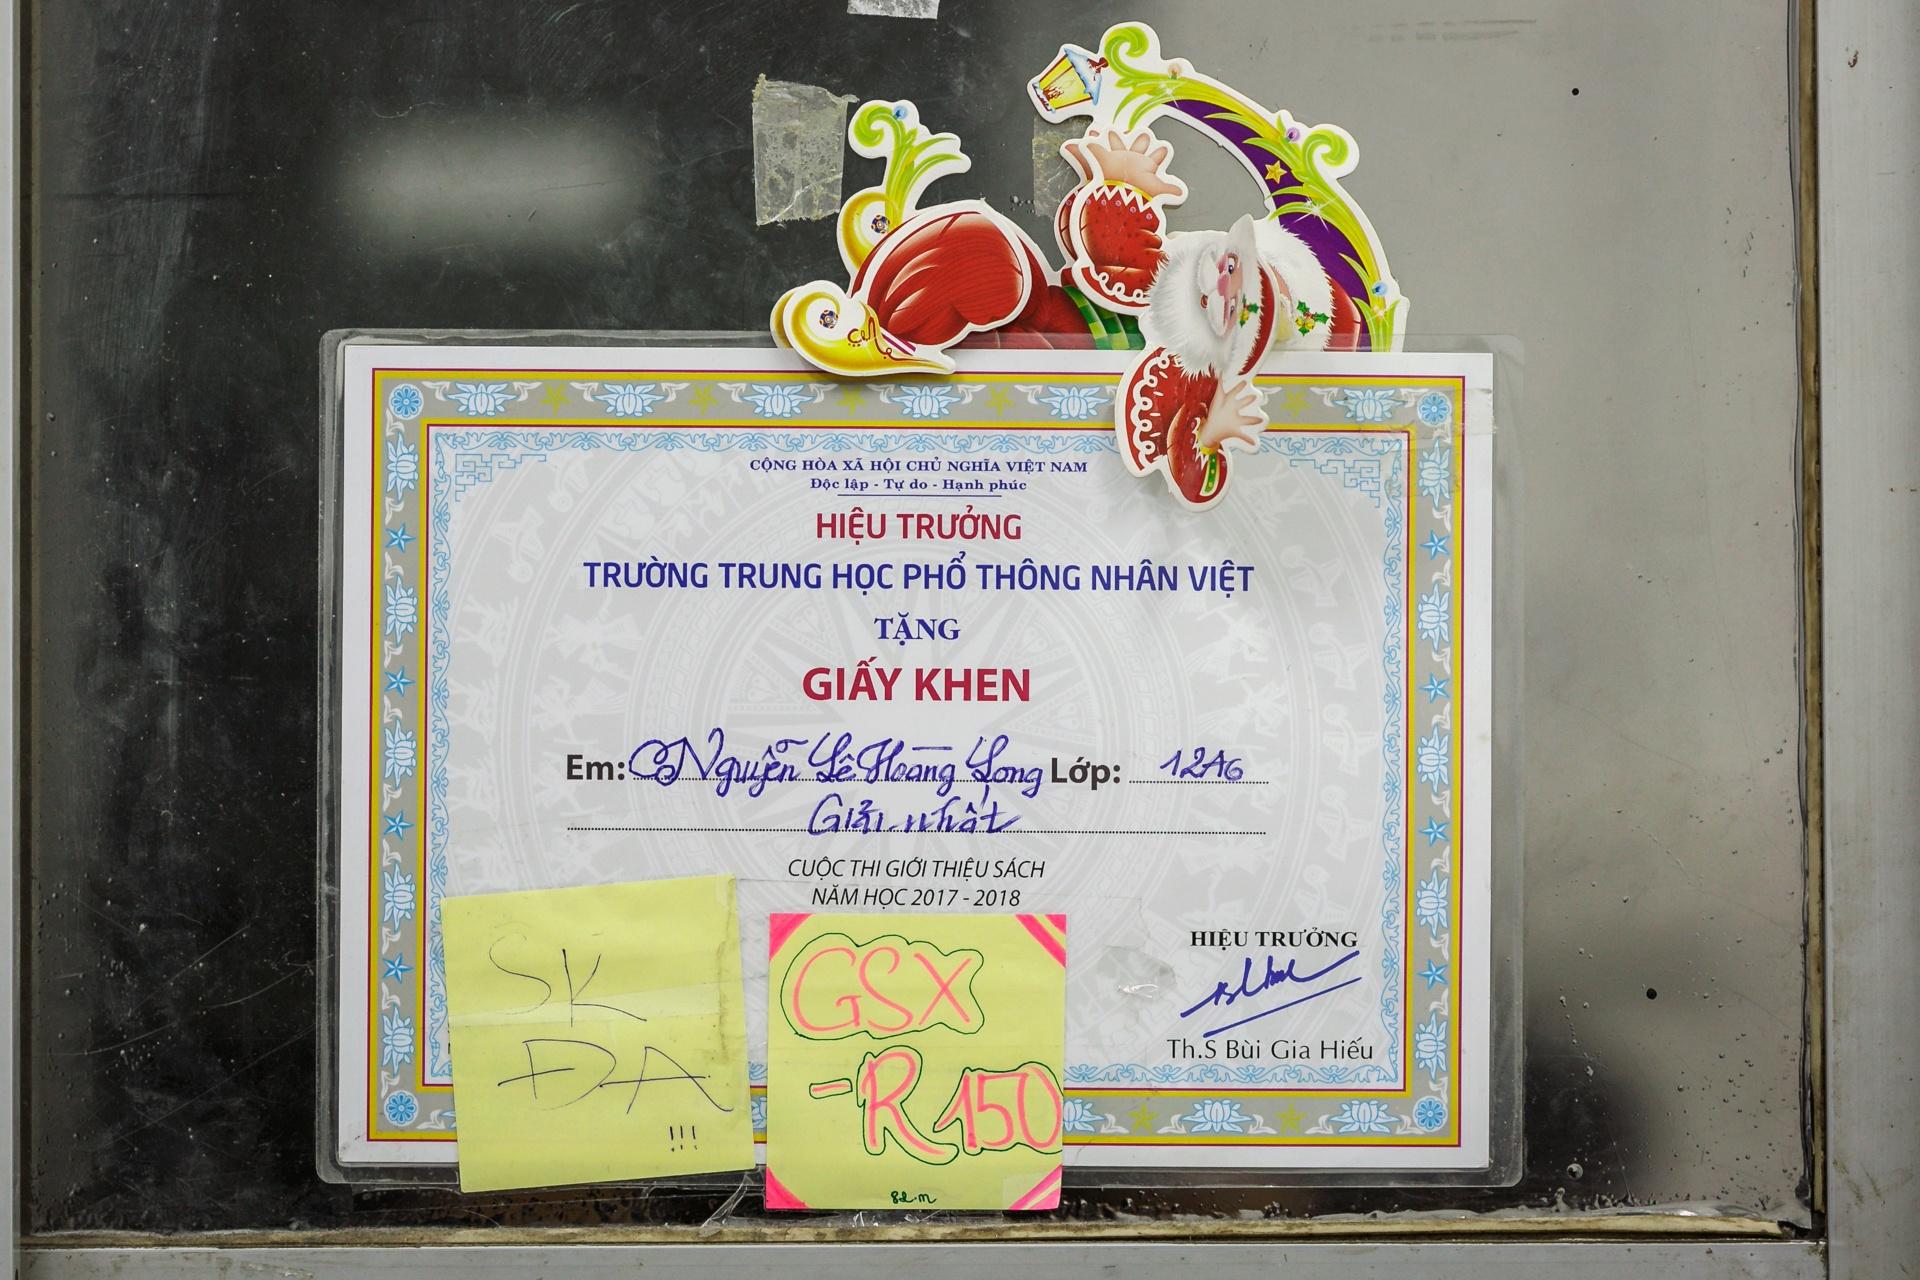 Quay cuong chinh phuc giang duong dai hoc hinh anh 35